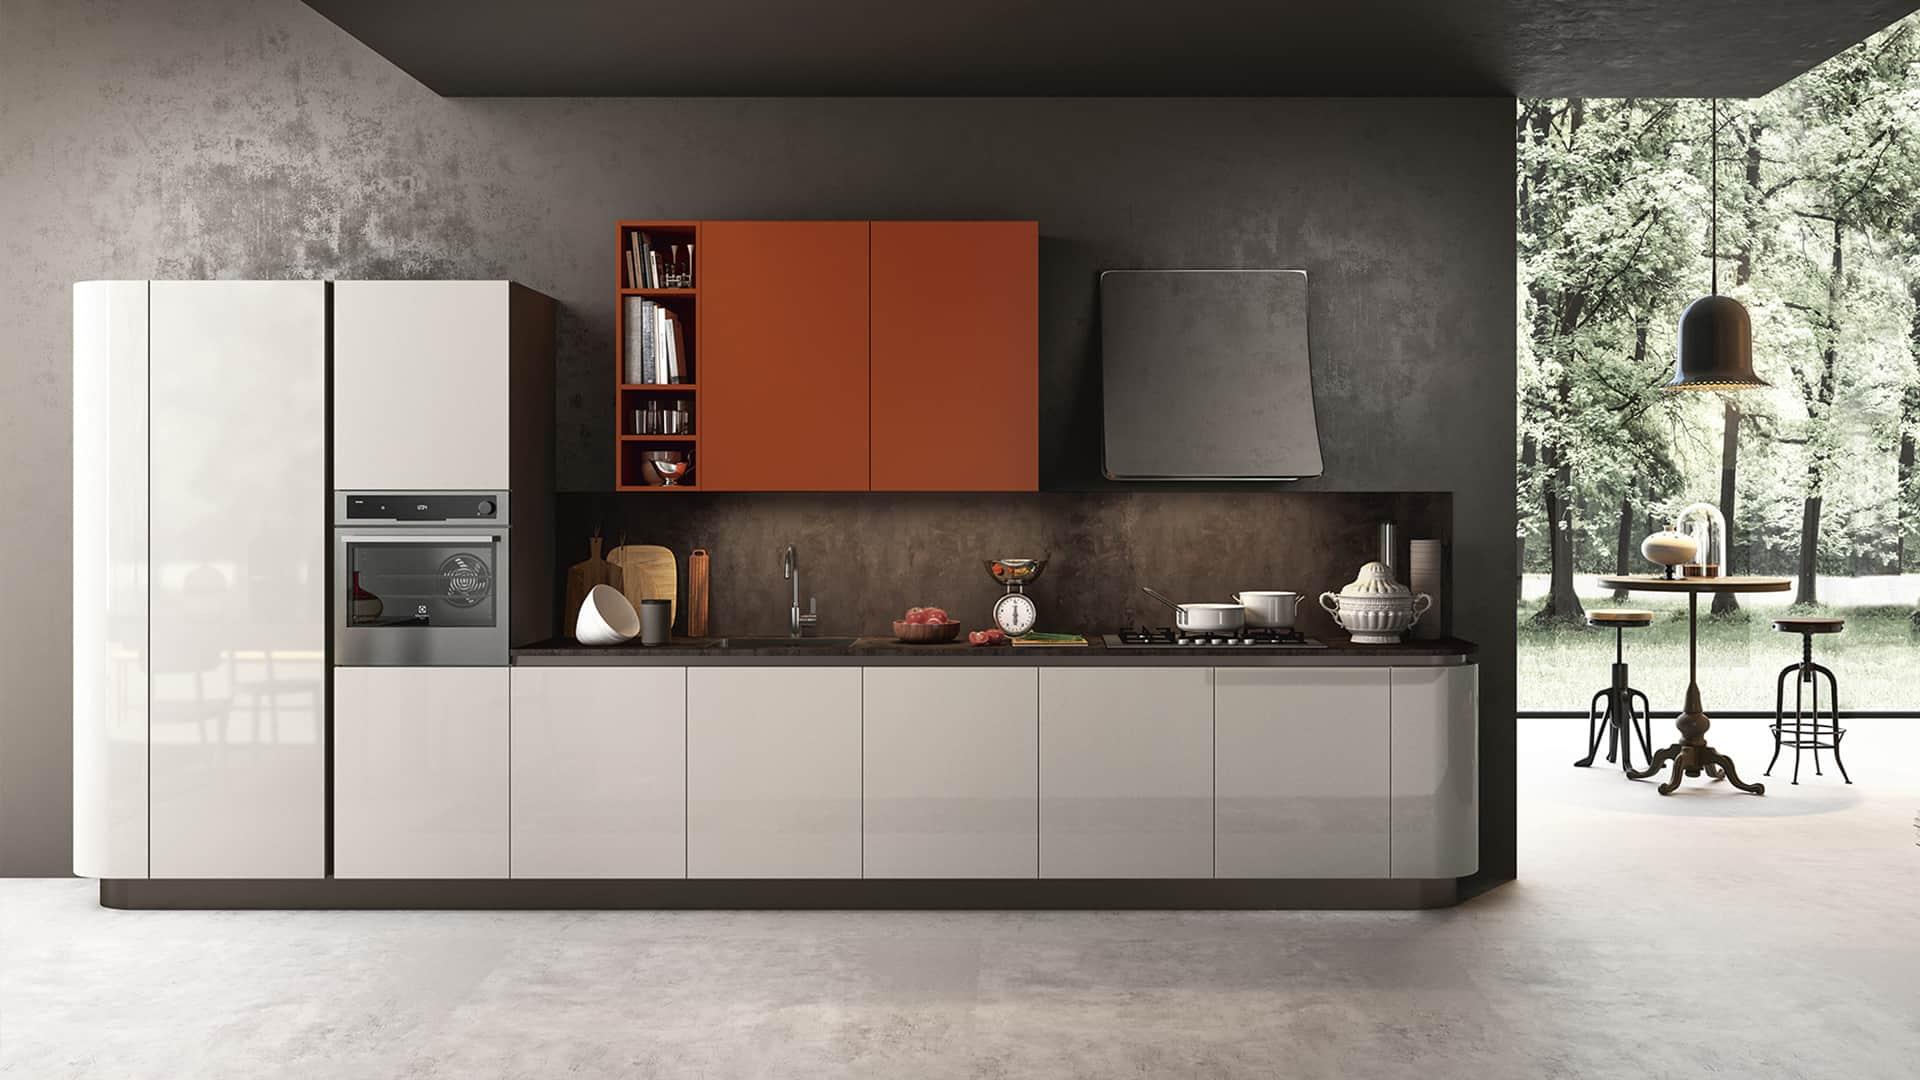 Cucine moderne lineari fabulous cucine moderne cucine for Offerte cucine lineari